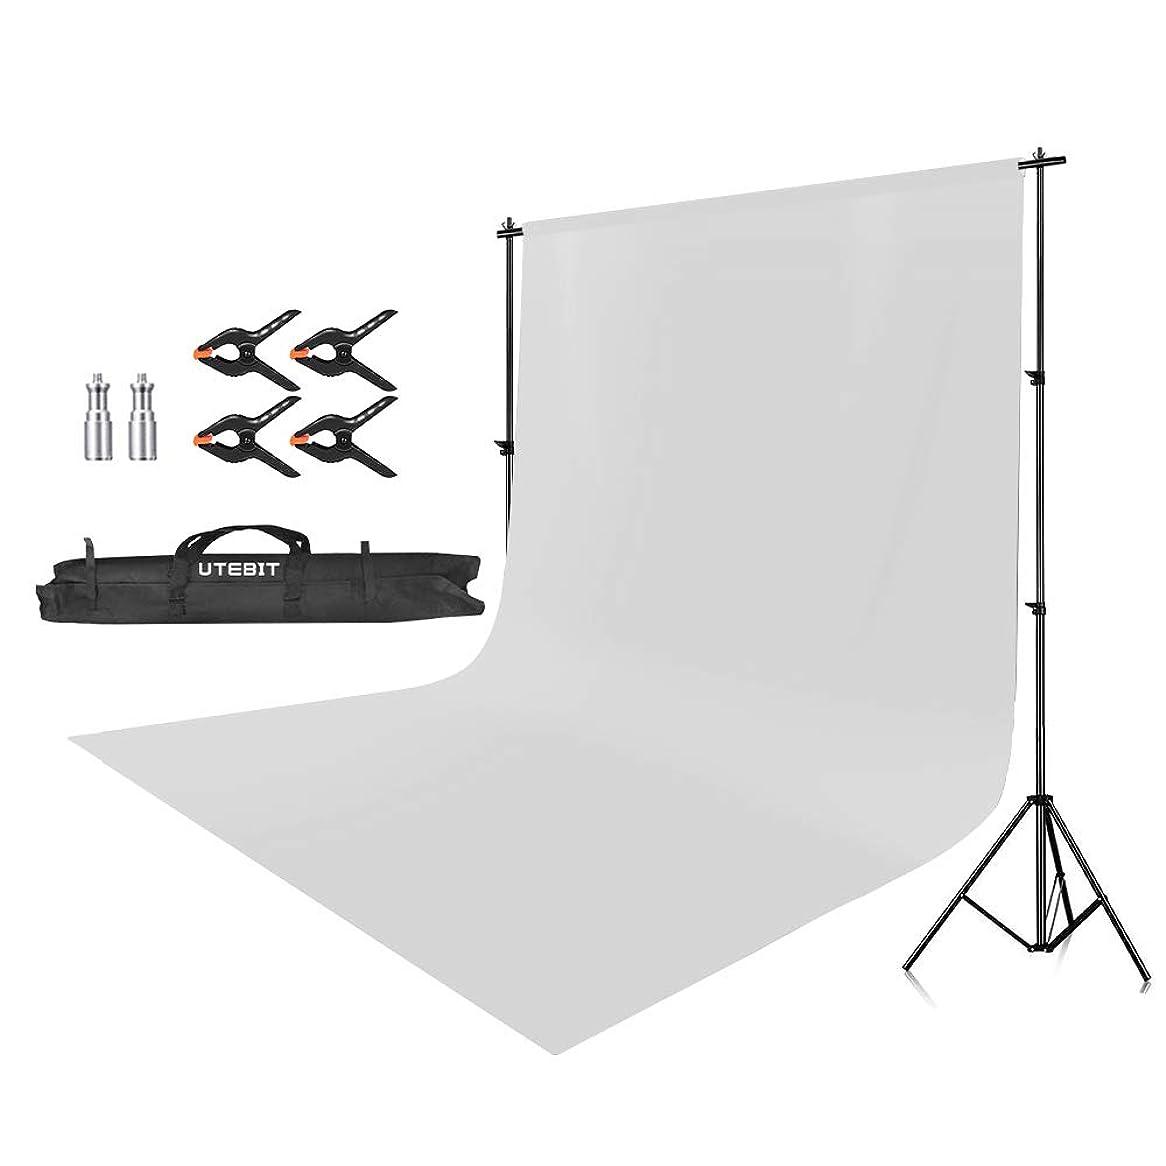 誤解する数学的なながらUTEBIT 背景スタンド + 背景布 白 + 強力クリップ 4点 セット 専用キャリーバッグ付 高さ75cm-205cm×幅140cm-280cm 1.8 * 2.8mの 背景 紙/バックペーパー/スクリーン/写真 白ホリ/撮影 に適用 バックグラウンドサポート スタジオ撮影機材